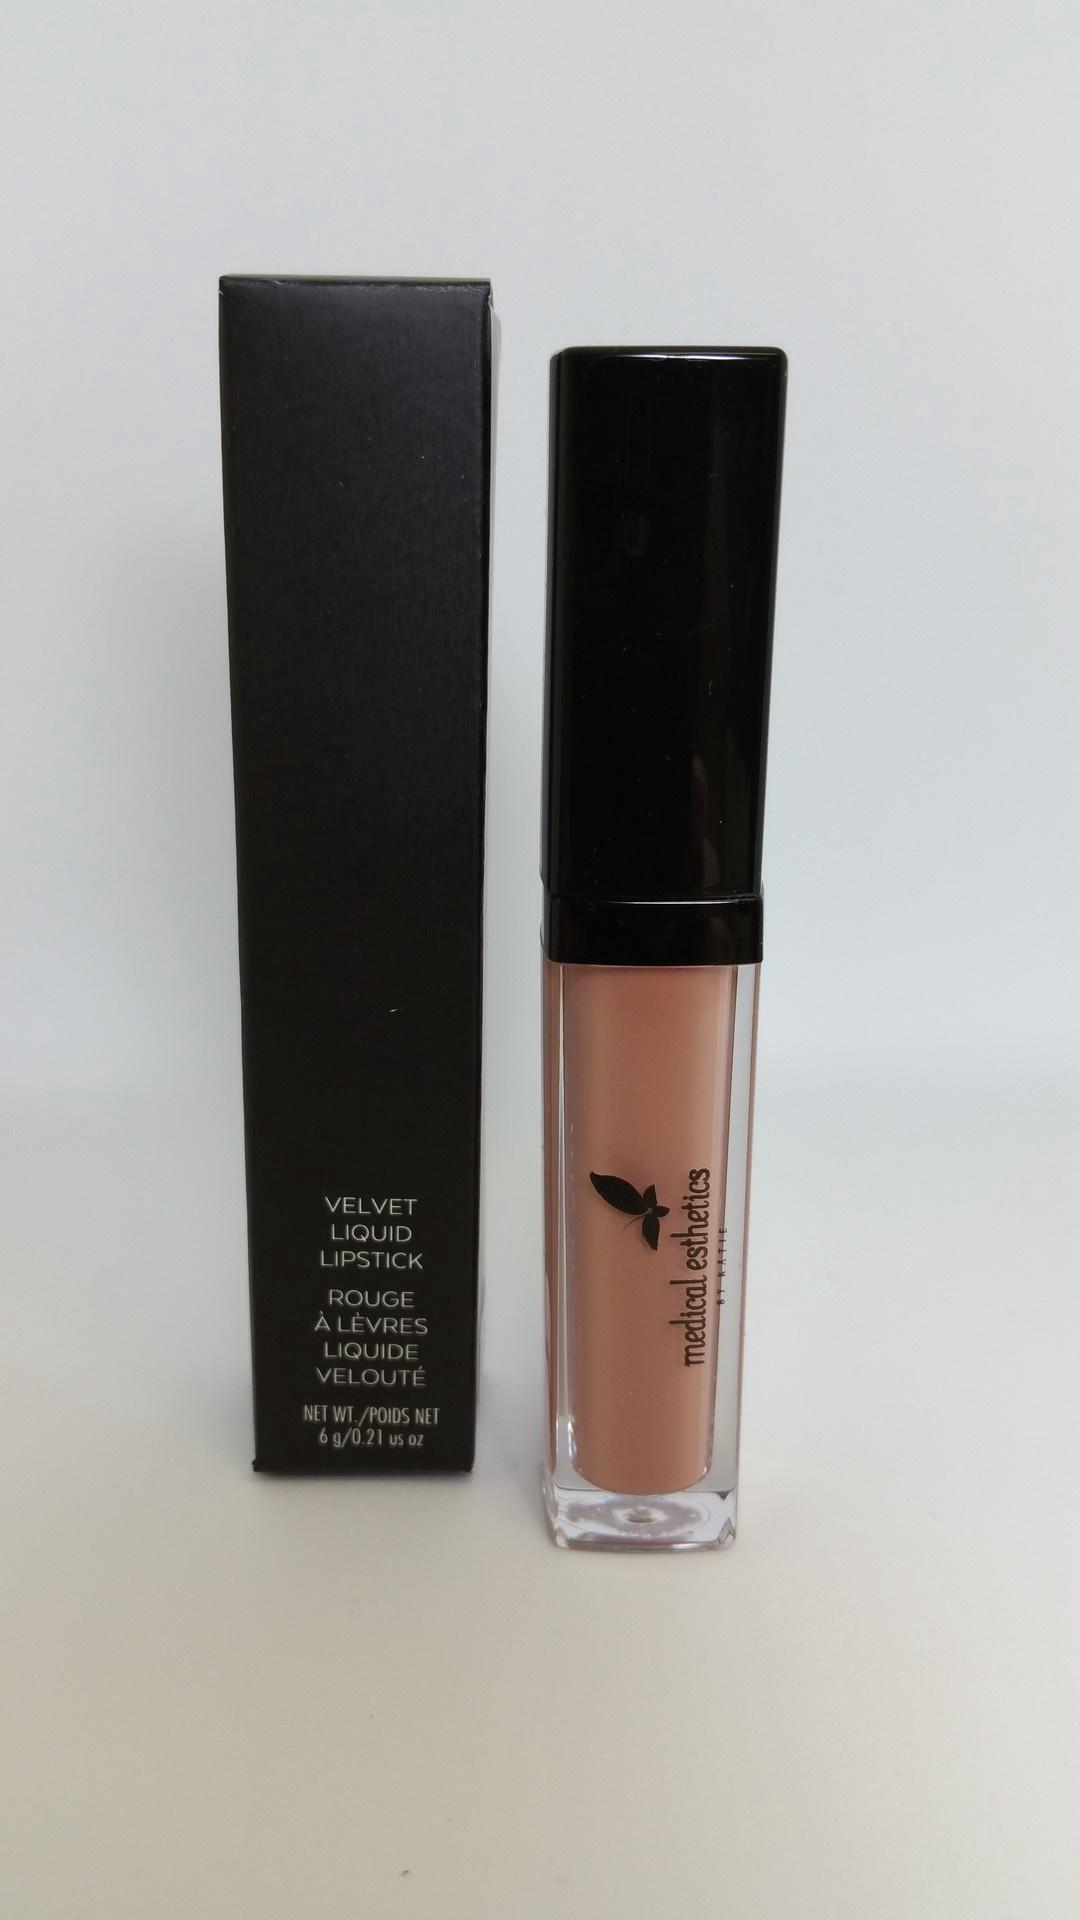 Dainty Velvet Liquid Lipstick